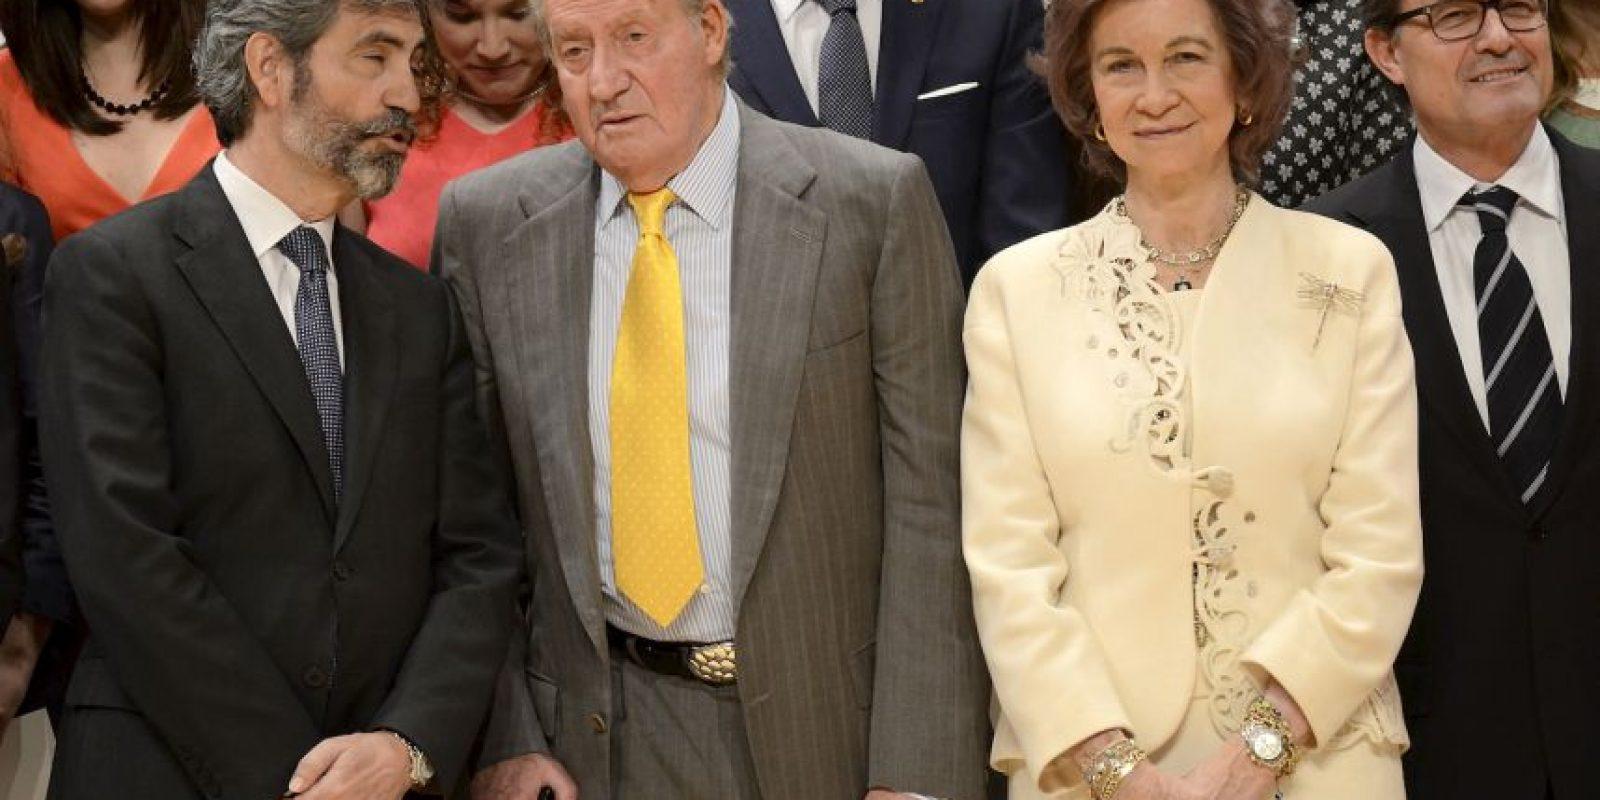 La familia real española también ha sido muy criticada por gastar demasiado. Foto:Getty Images